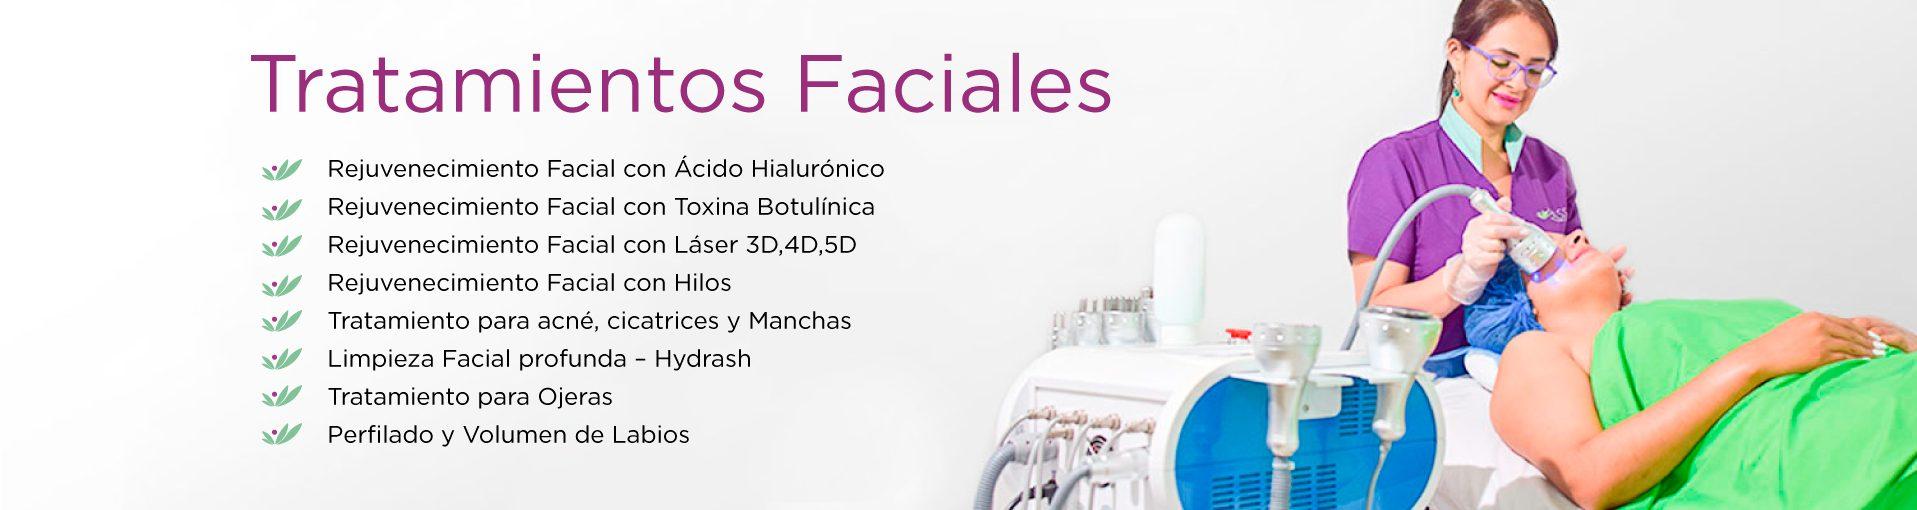 banner-tratamientos-faciales